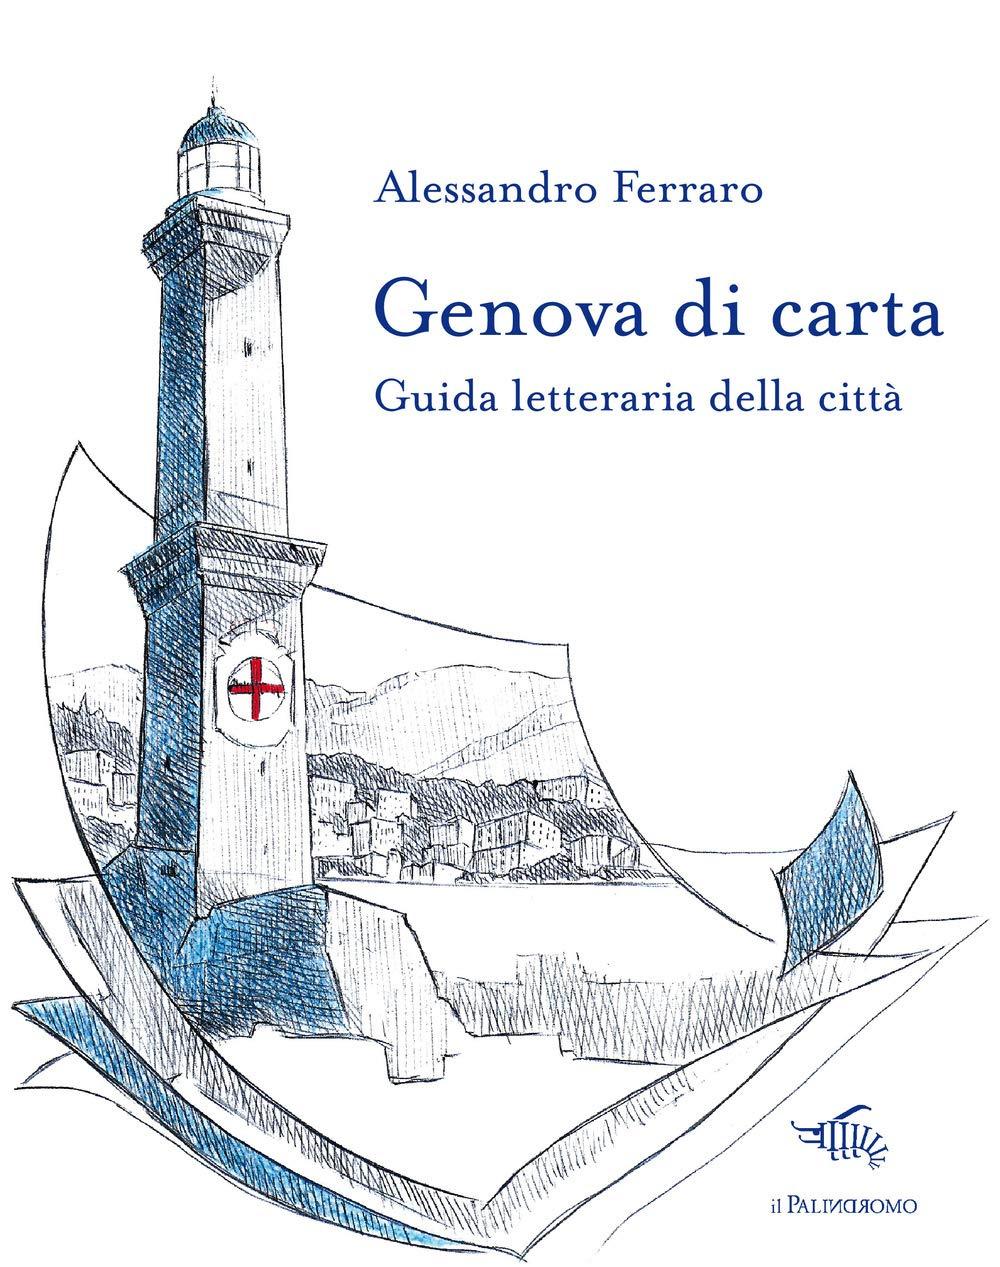 Una guida letteraria alla città di Genova